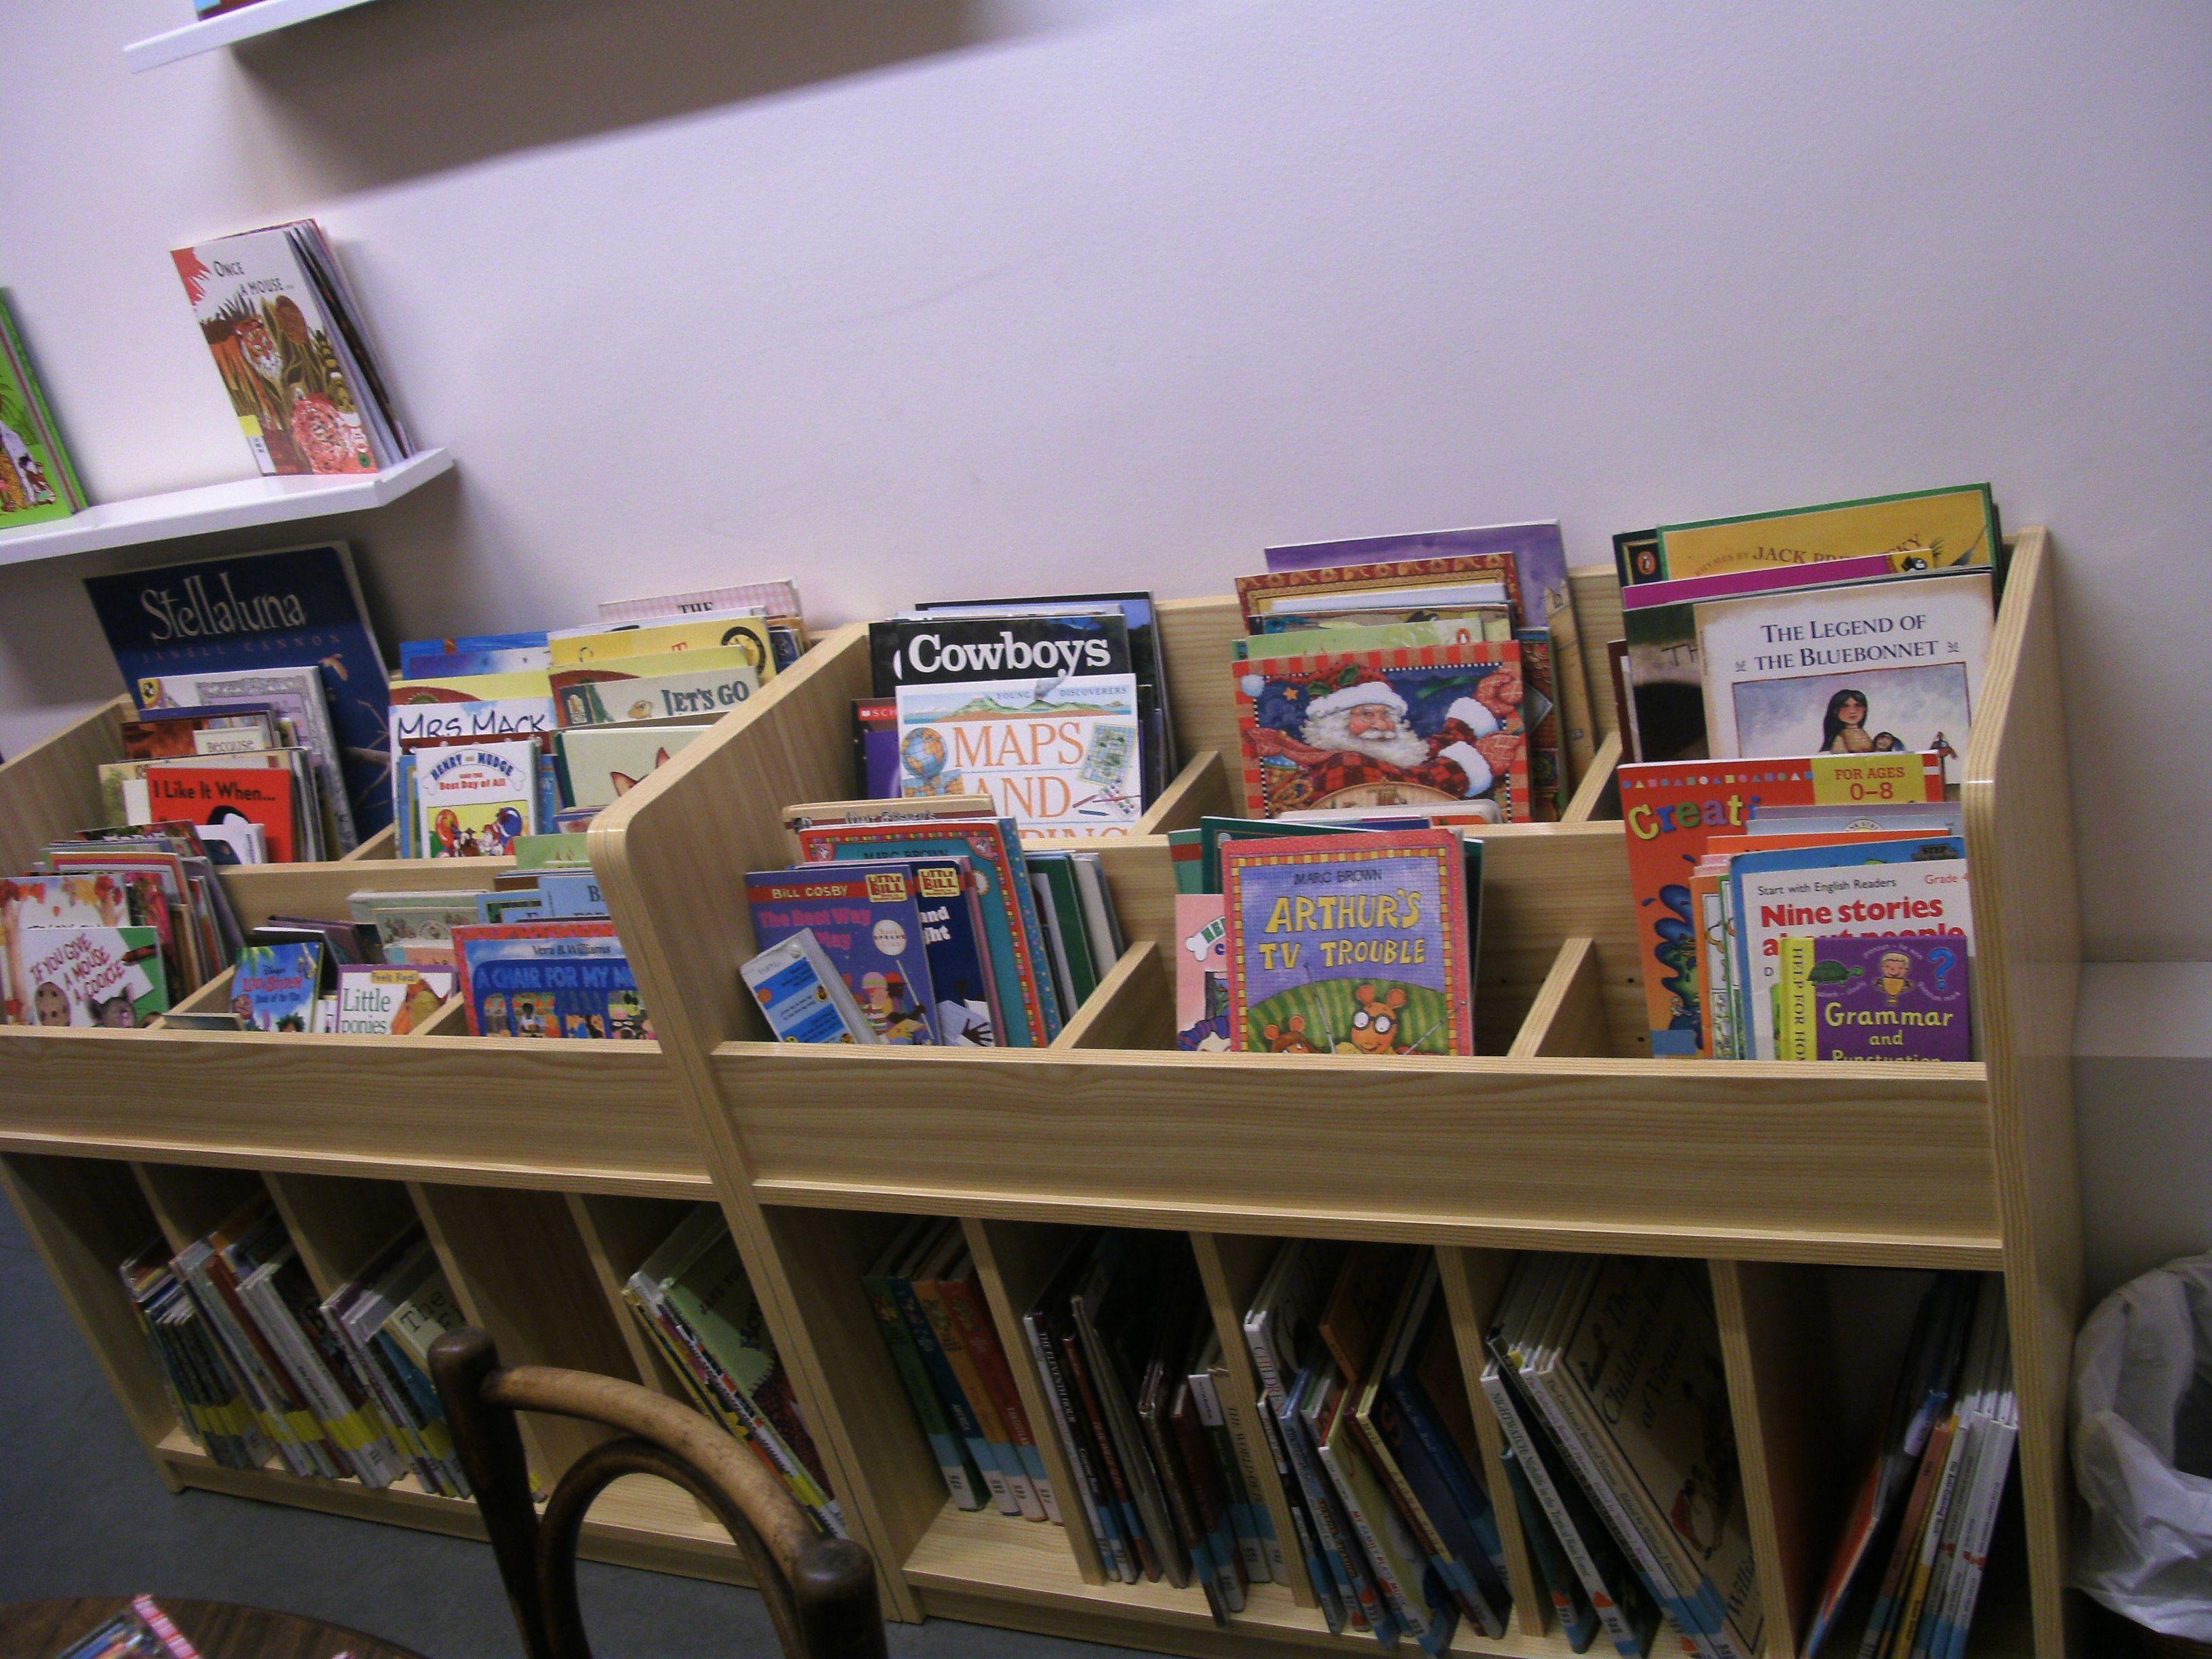 Muebles Para Libros Ninos.Nuevos Muebles Para Libros Infantiles En La Biblioteca Bibliotecas